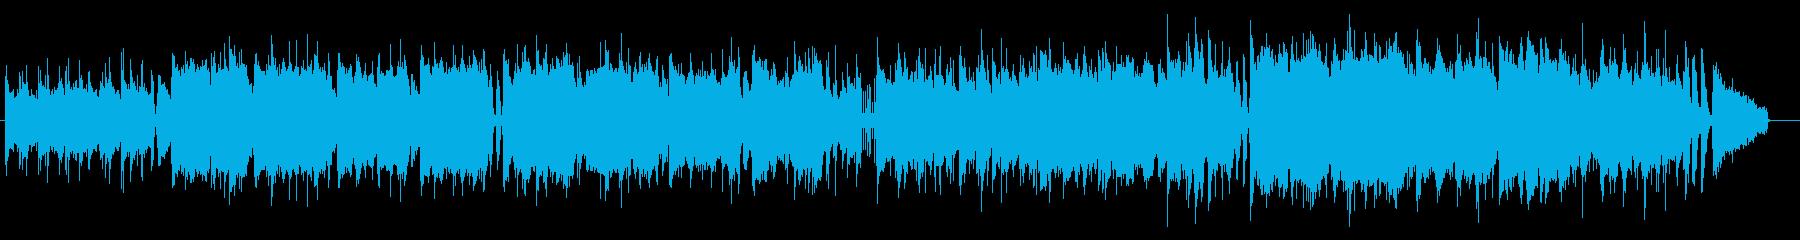 自然を感じるほのぼのとしたゆるいBGMの再生済みの波形